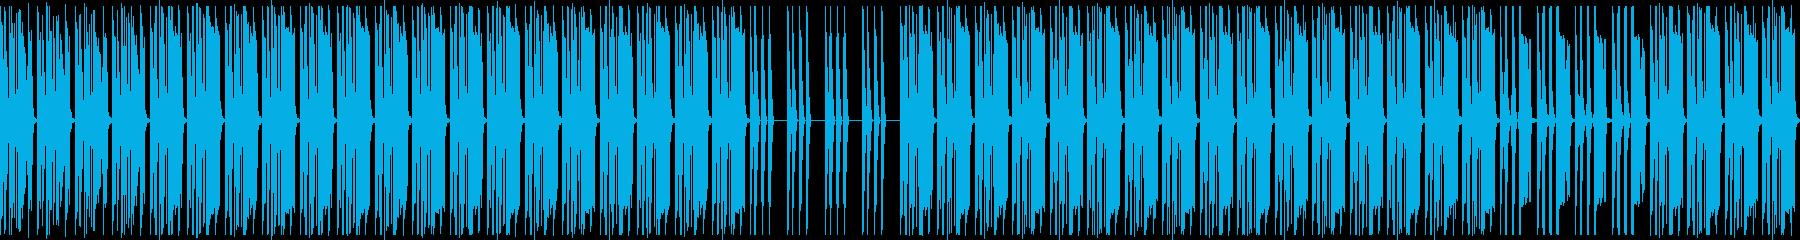 削ぎ落としたローファイスローダウンビートの再生済みの波形